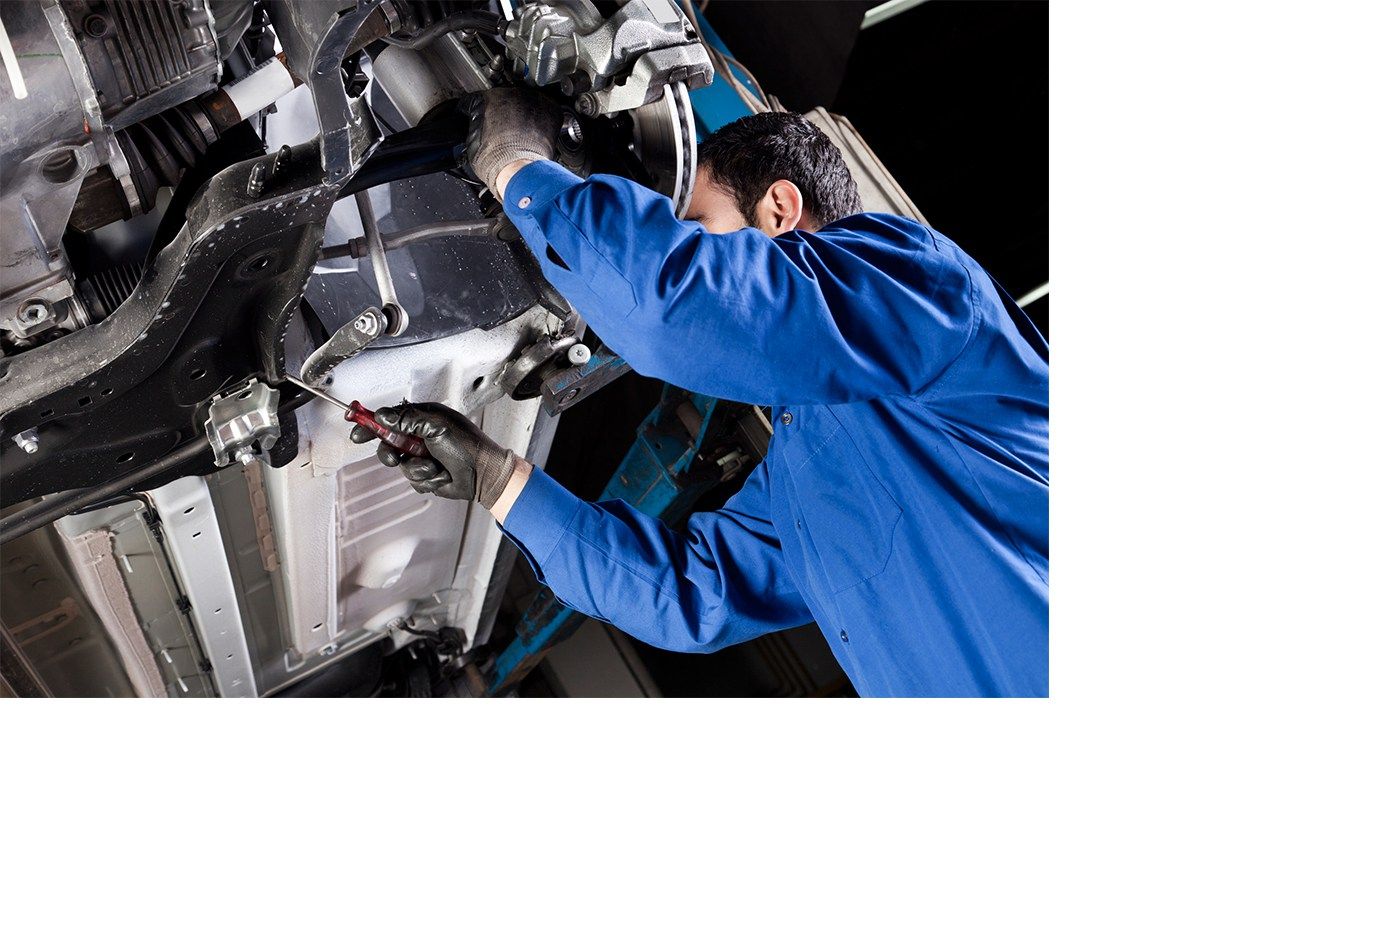 Kitchener Car Dealerships >> Home [www.schlueterhyundai.com]